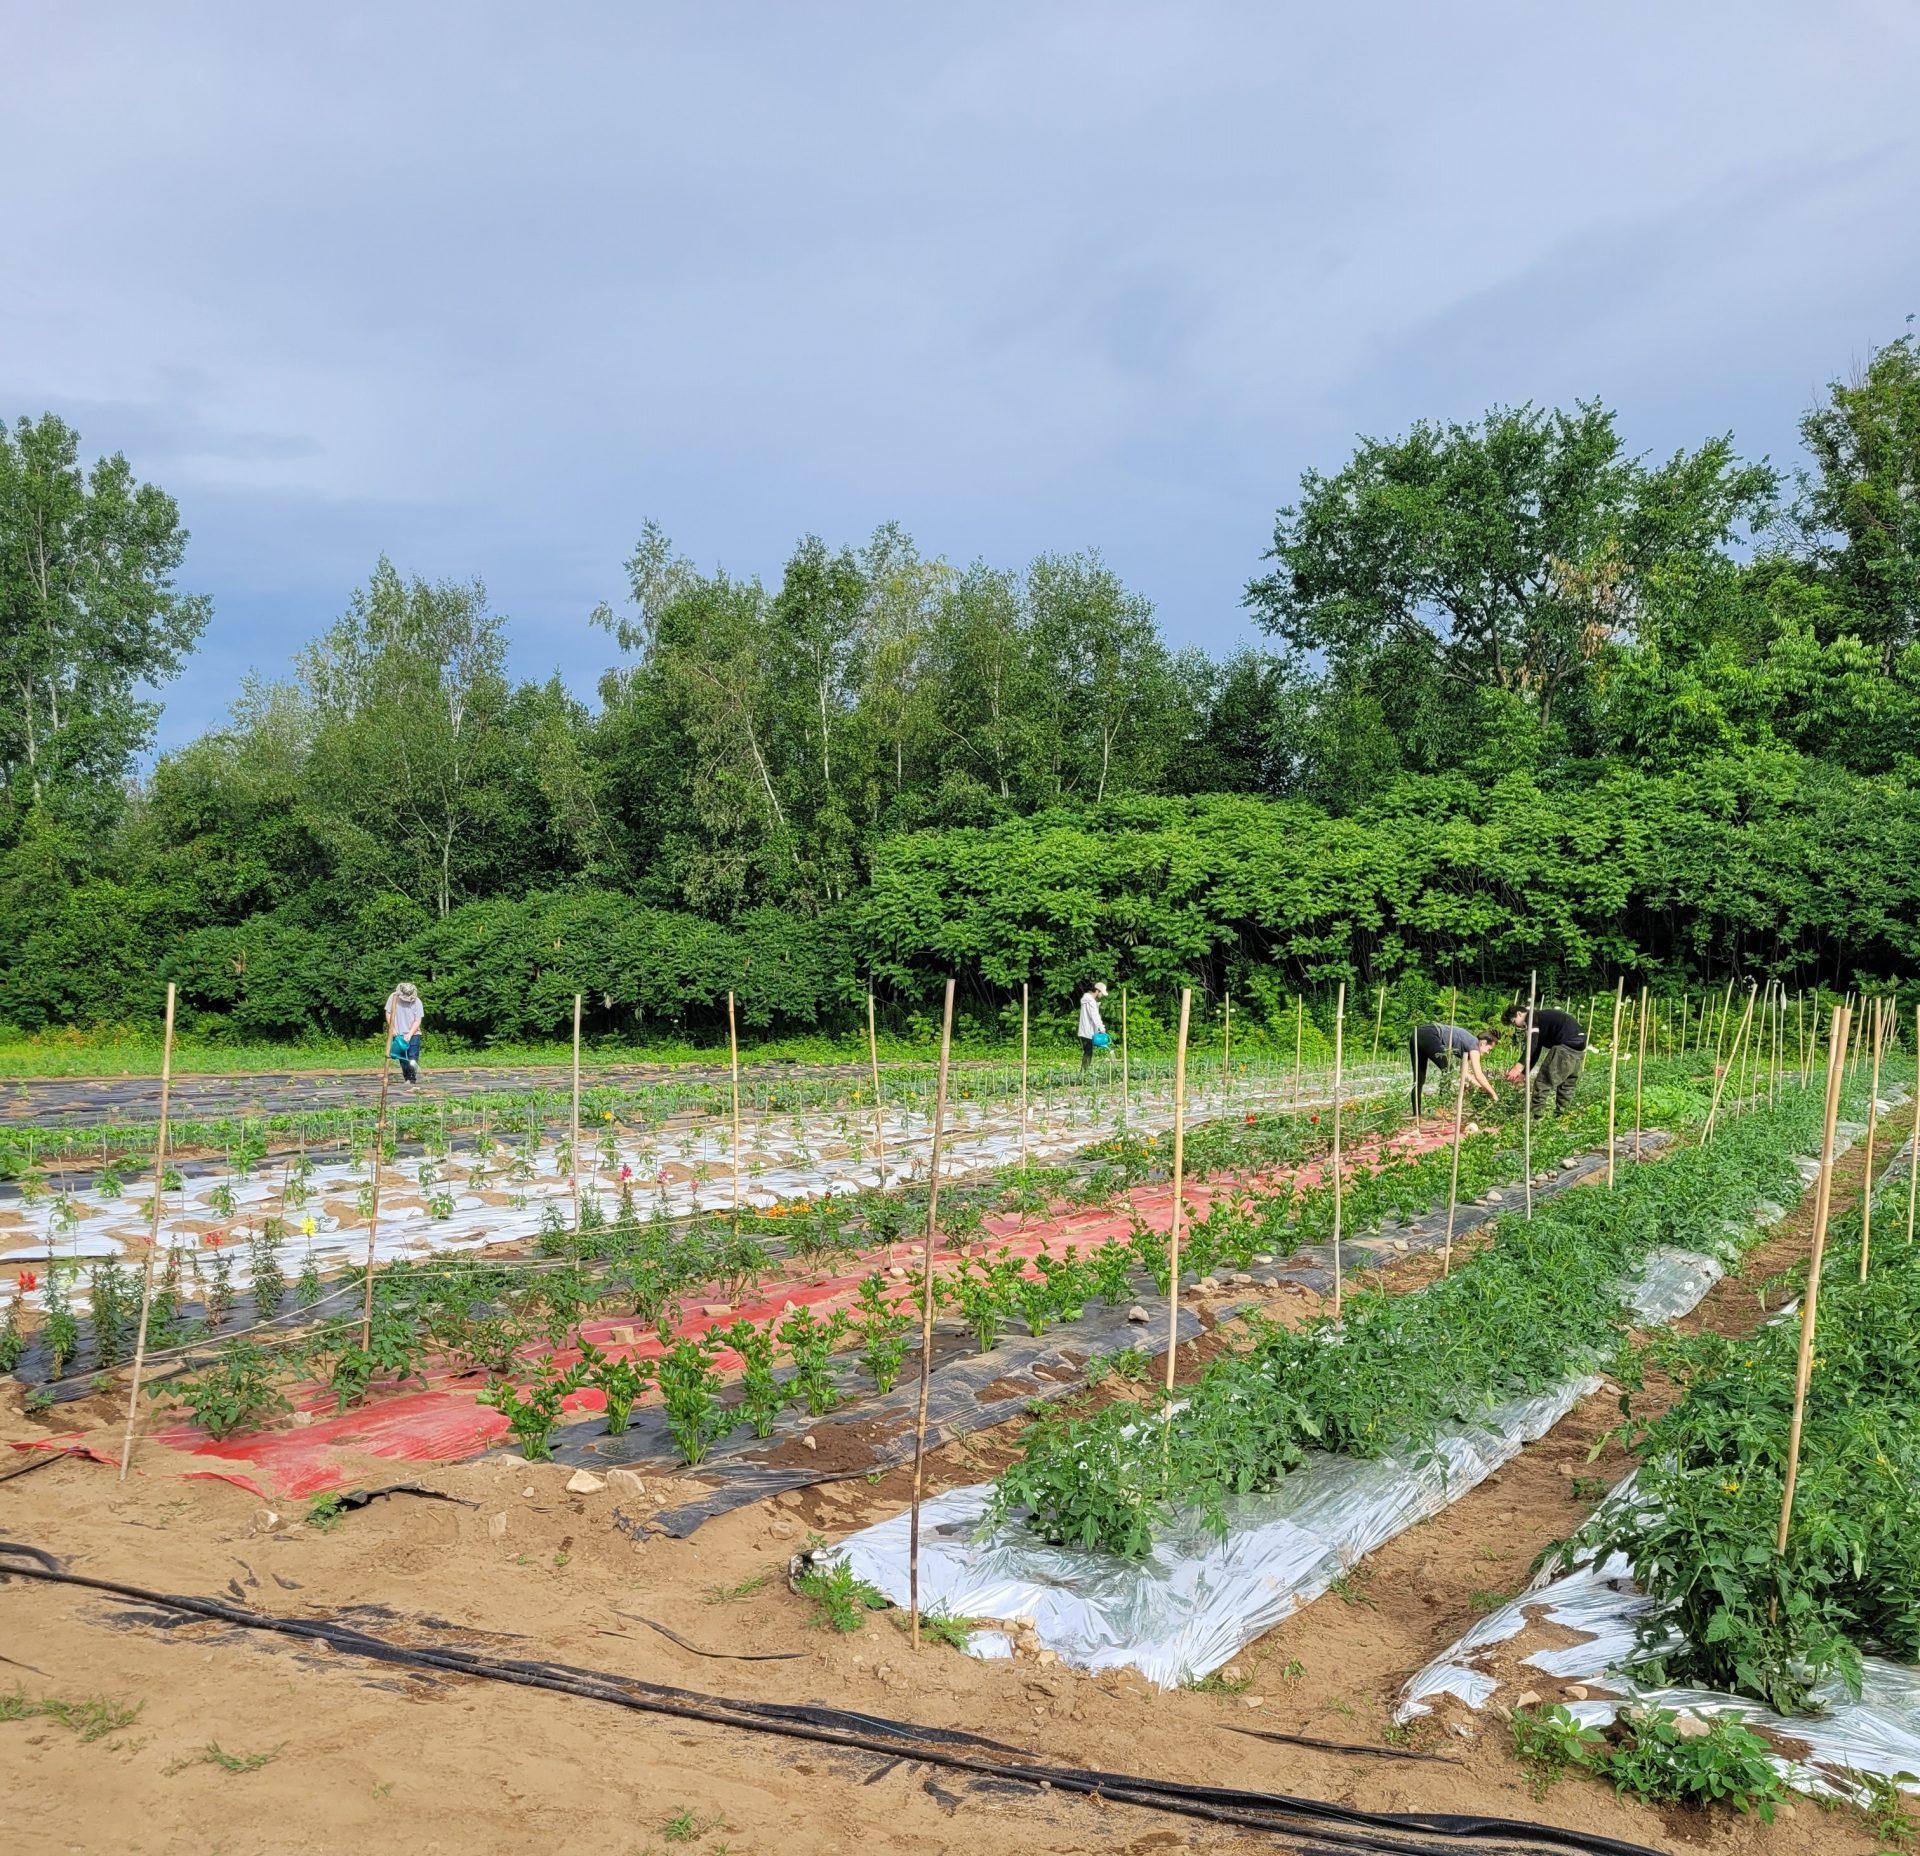 L'éco-agriculture en serre et en terre à kanesatake